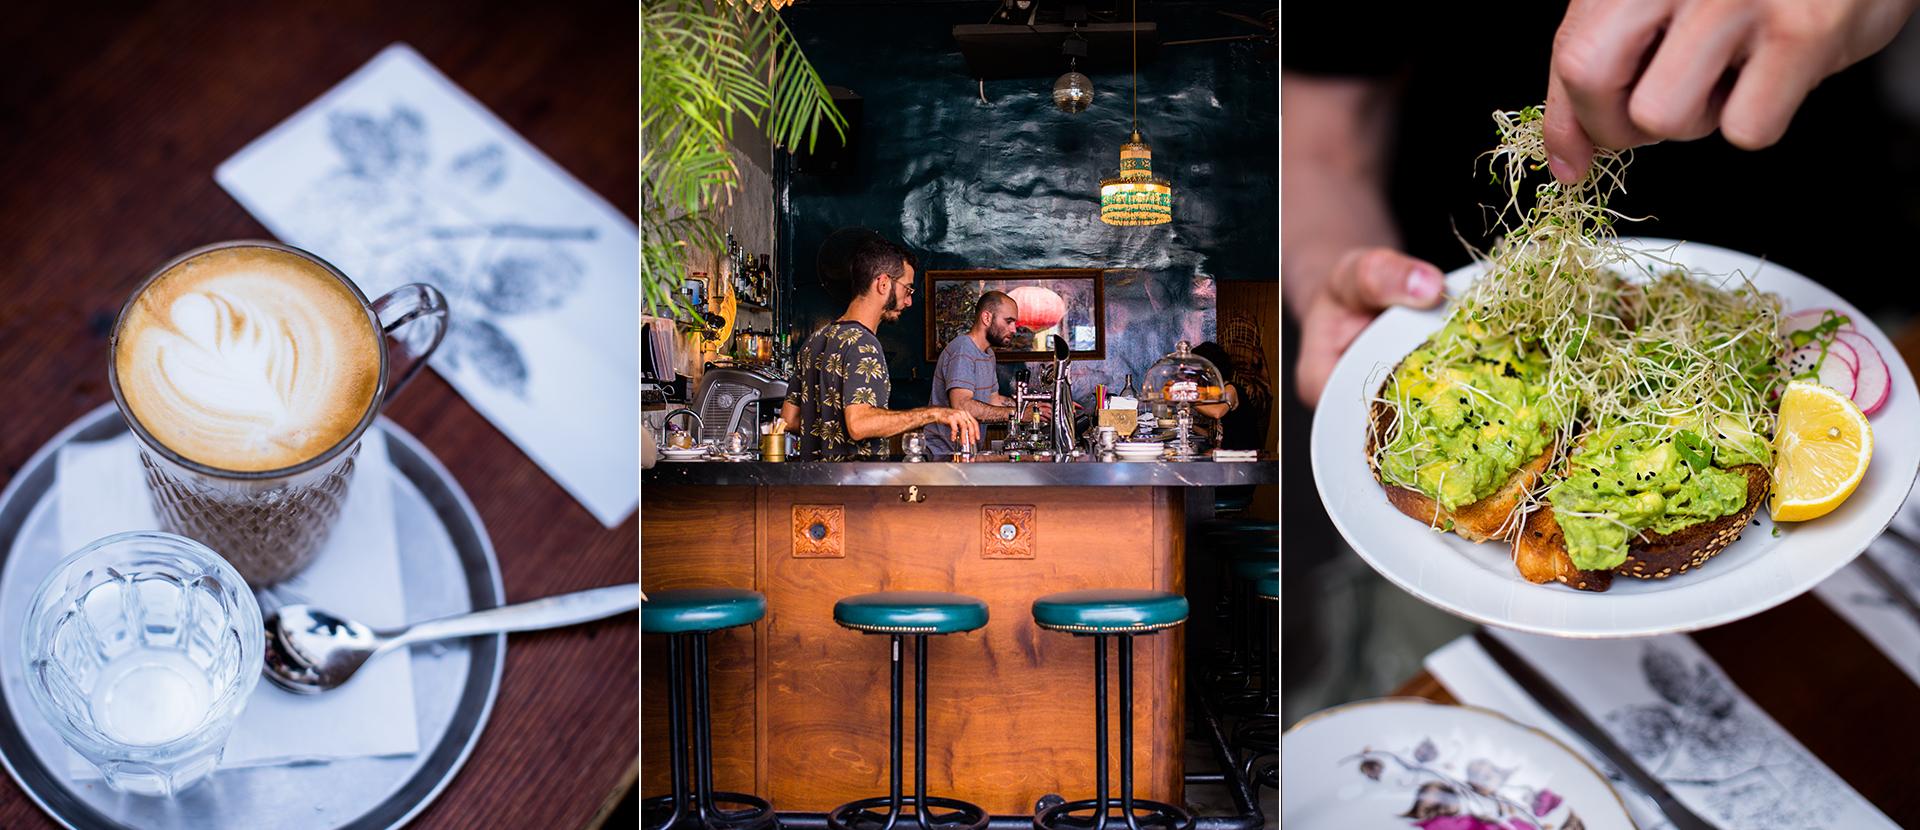 Cafe in Jaffa Fleamarket in TelAviv. Latte Macchiato mit einem Glas Wasser. Smashed Avocadobrot mit frischer Kresse